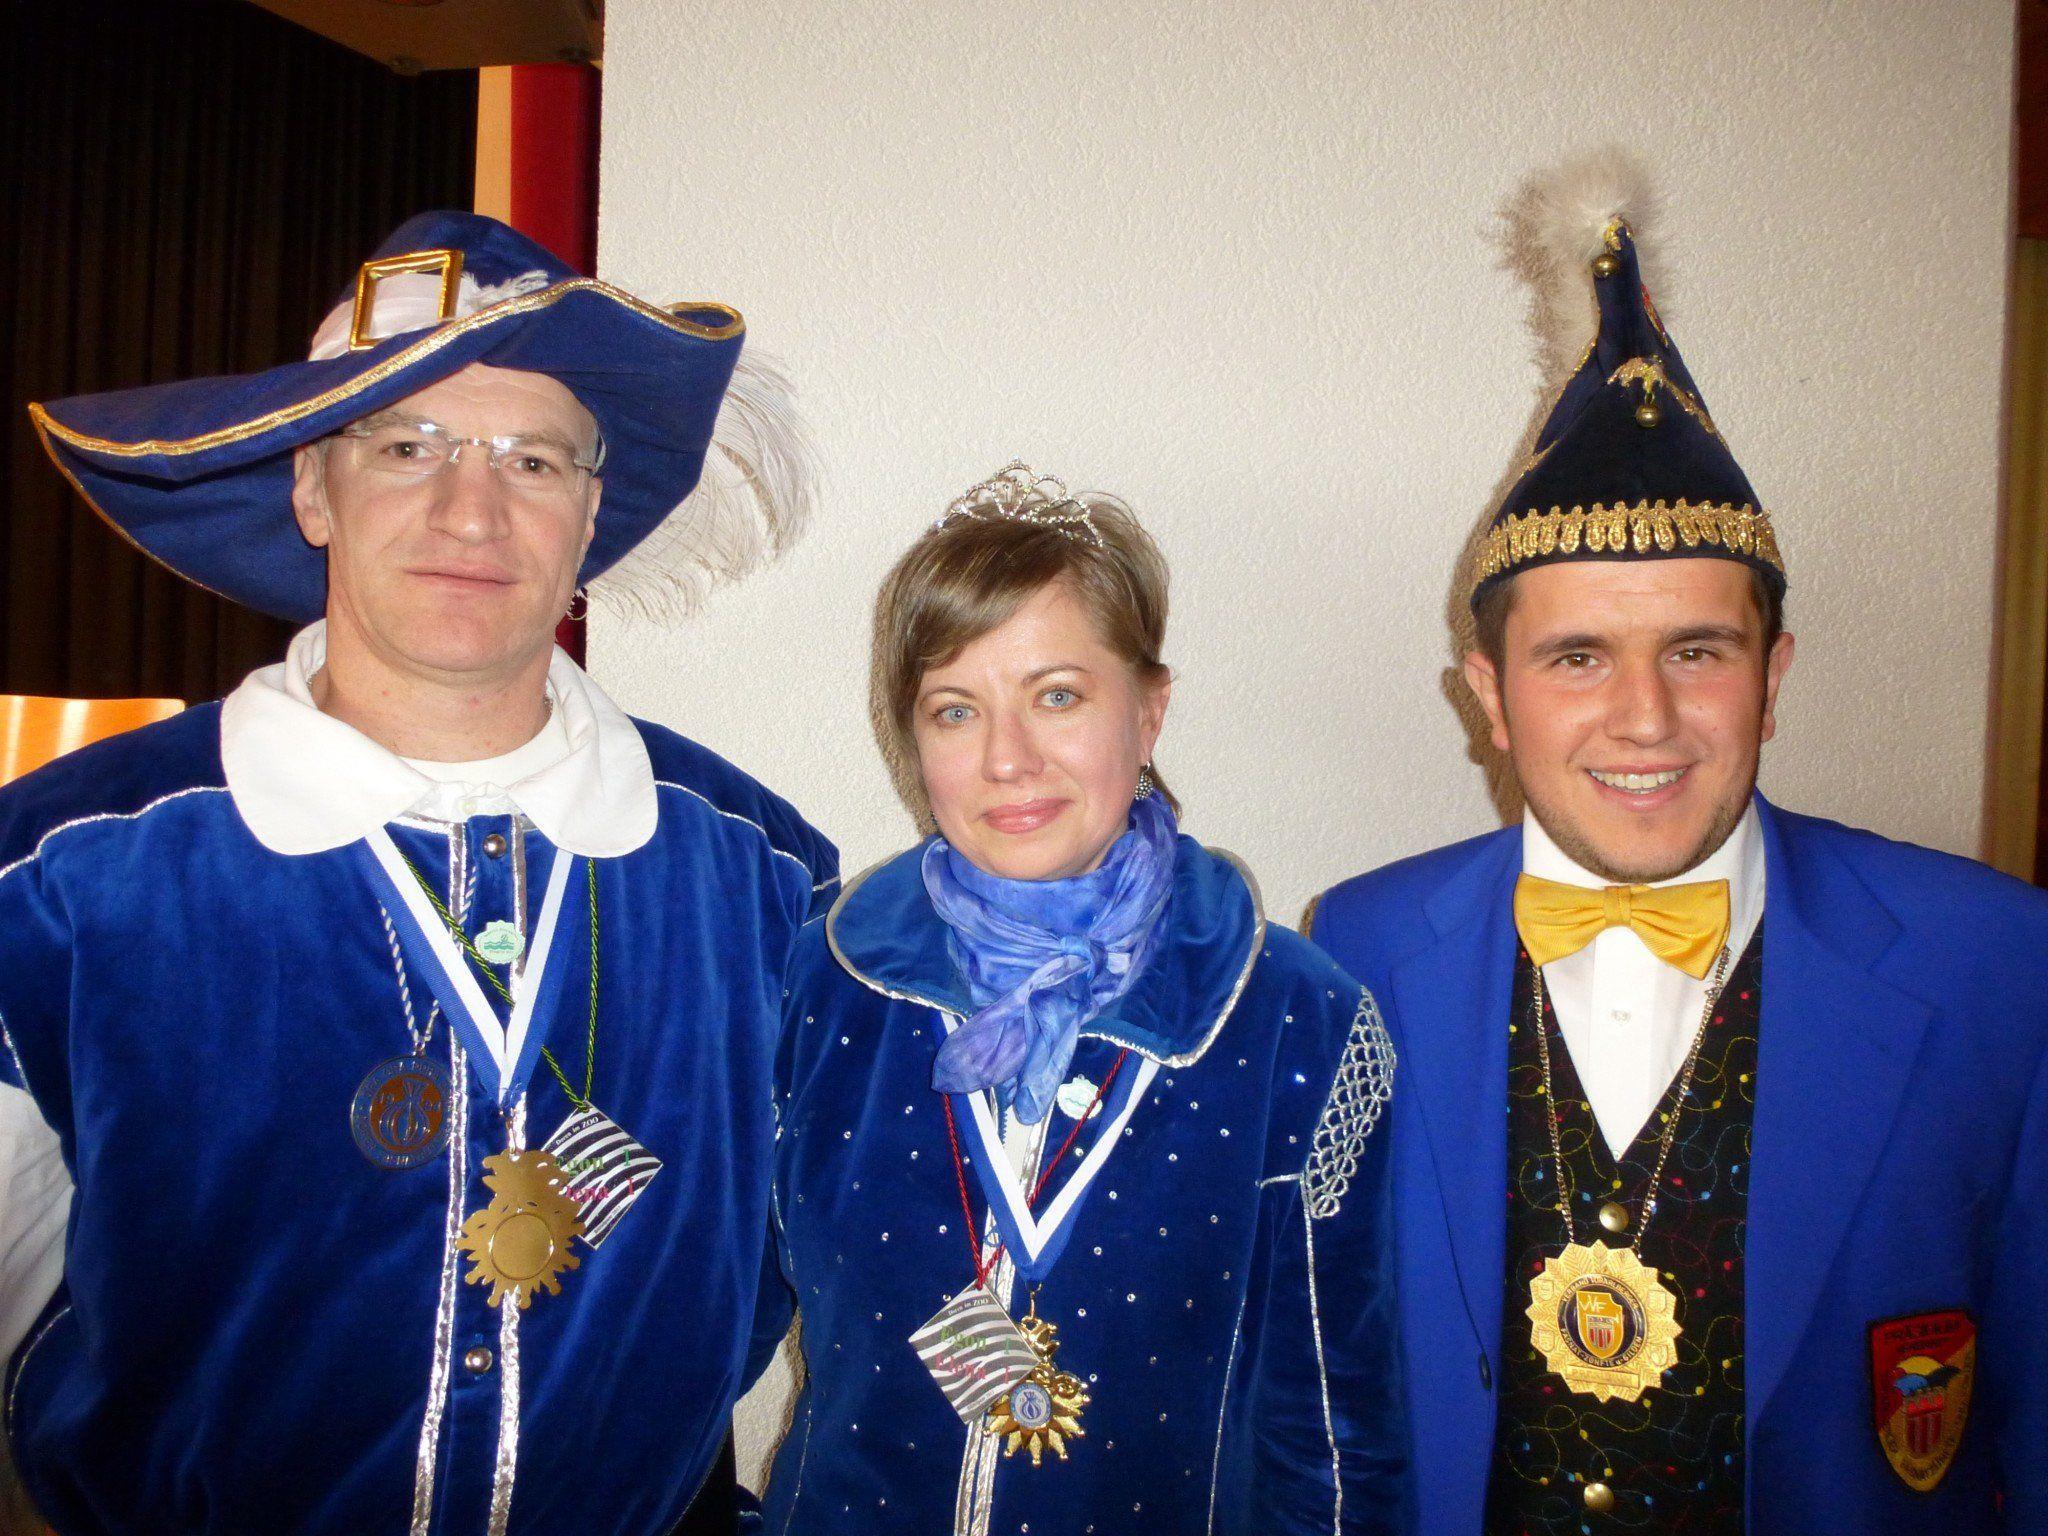 Das Dorener Prinzenpaar Prinz Egon und Prinzessin Elena mit VVF-Präsident Michel Stocklasa.